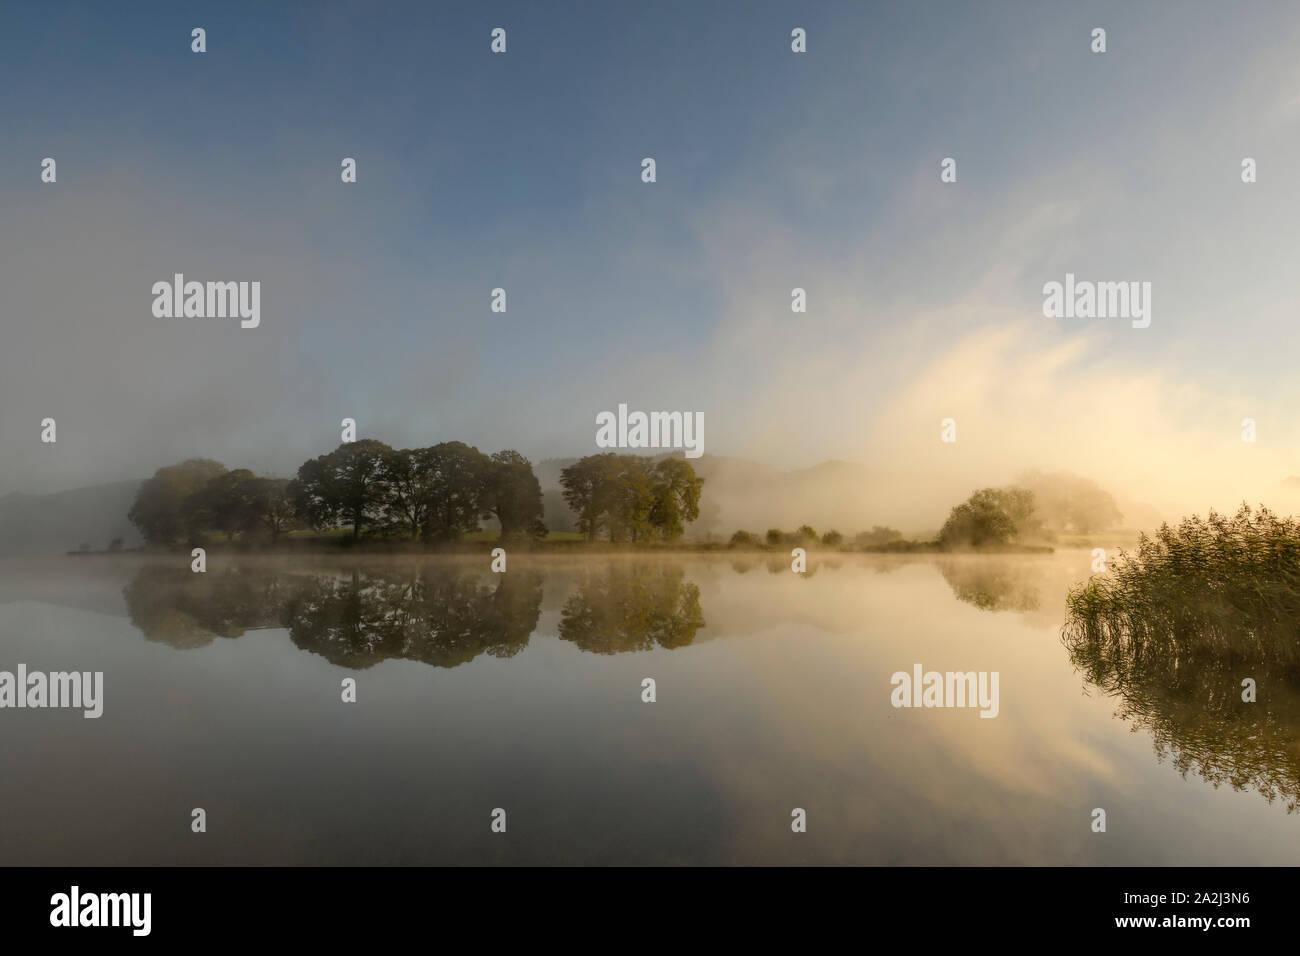 Los árboles se reflejan en el agua cerca de Hawkshead Esthwaite como el sol irrumpe a través de la neblina de otoño por la mañana temprano Foto de stock